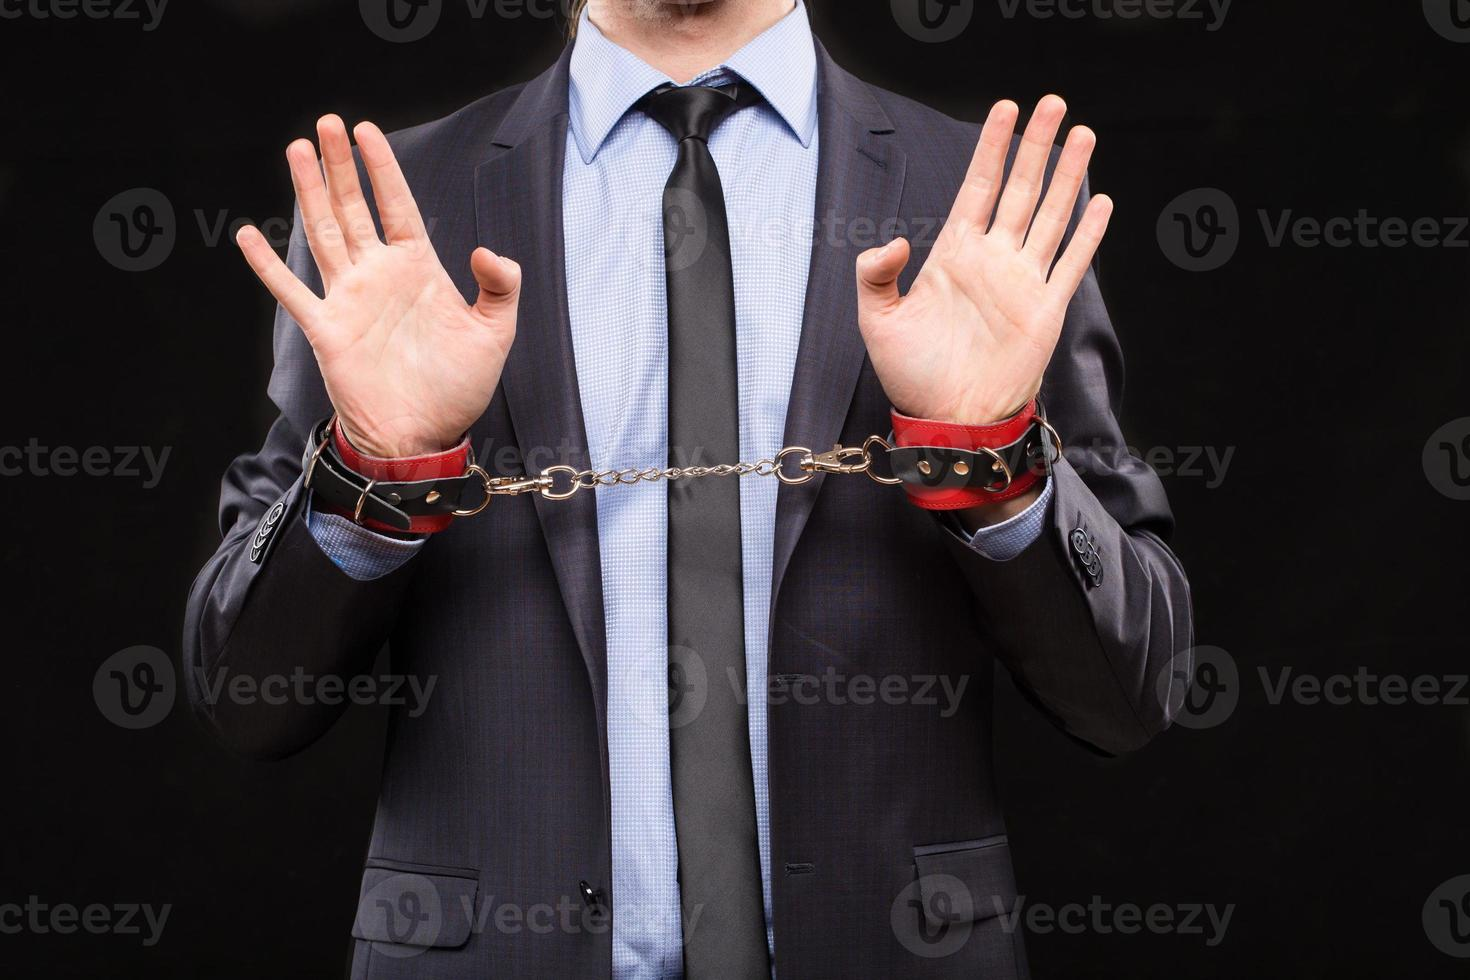 Mann in einem Business-Anzug mit angeketteten Händen. Handschellen für foto